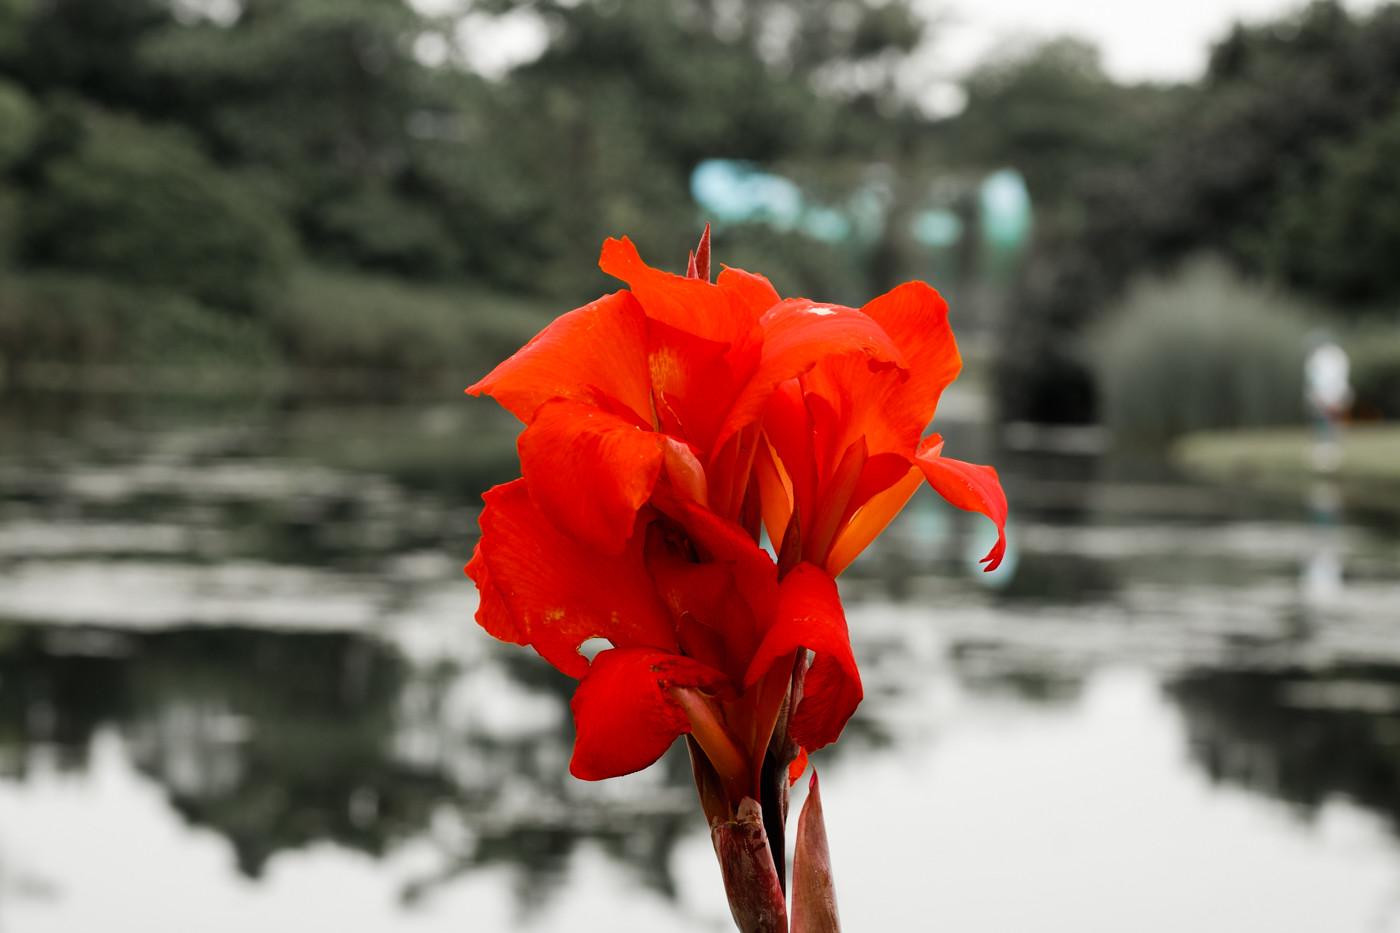 xf60mm f2.4 r macroの作例 レビュー マクロ シンガポール 植物